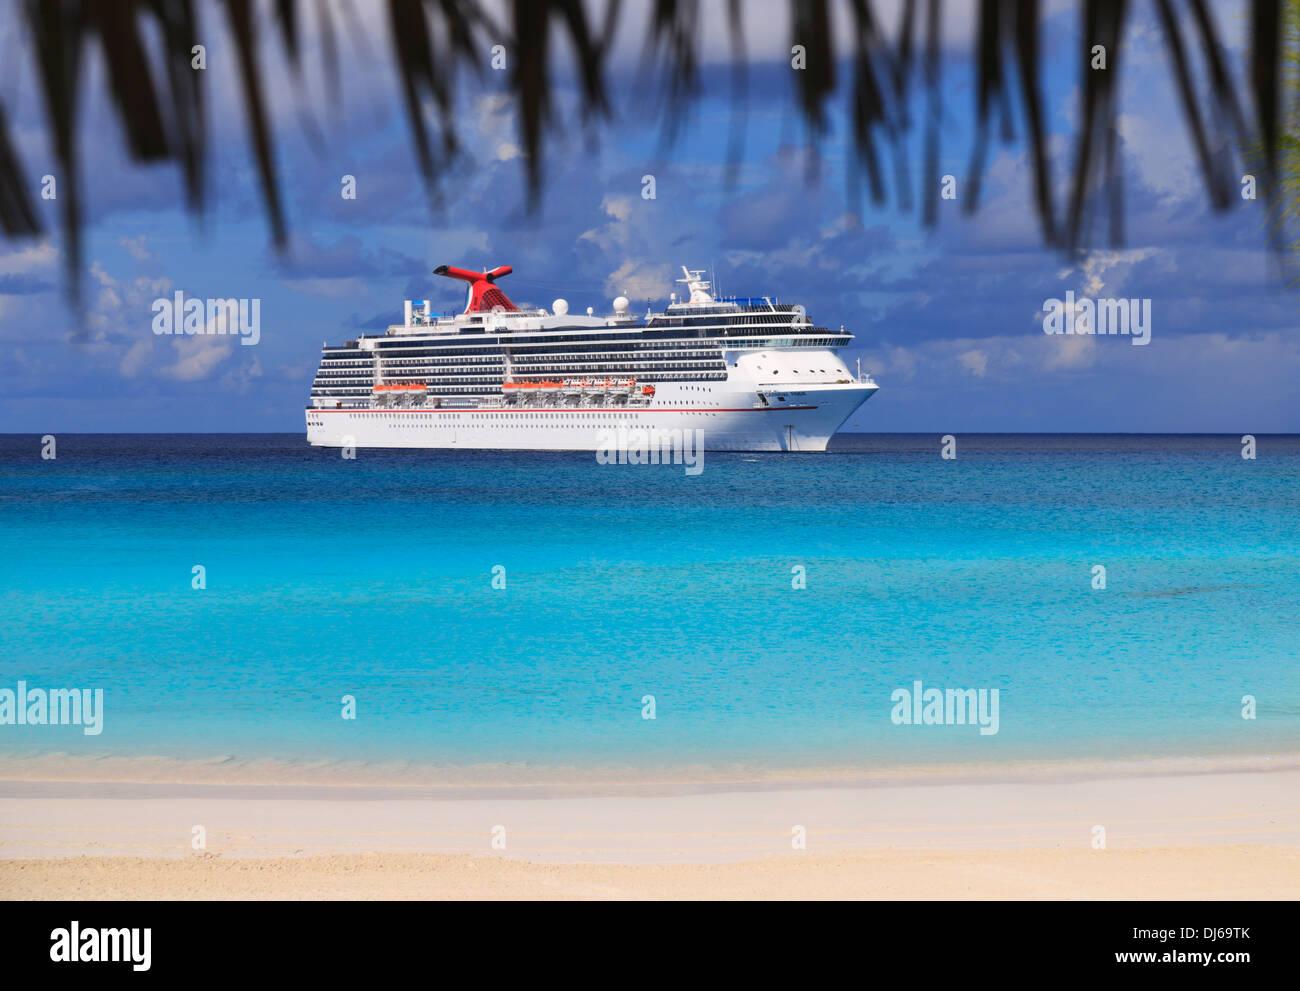 Linie Kreuzfahrtschiff in der Karibik Stockbild